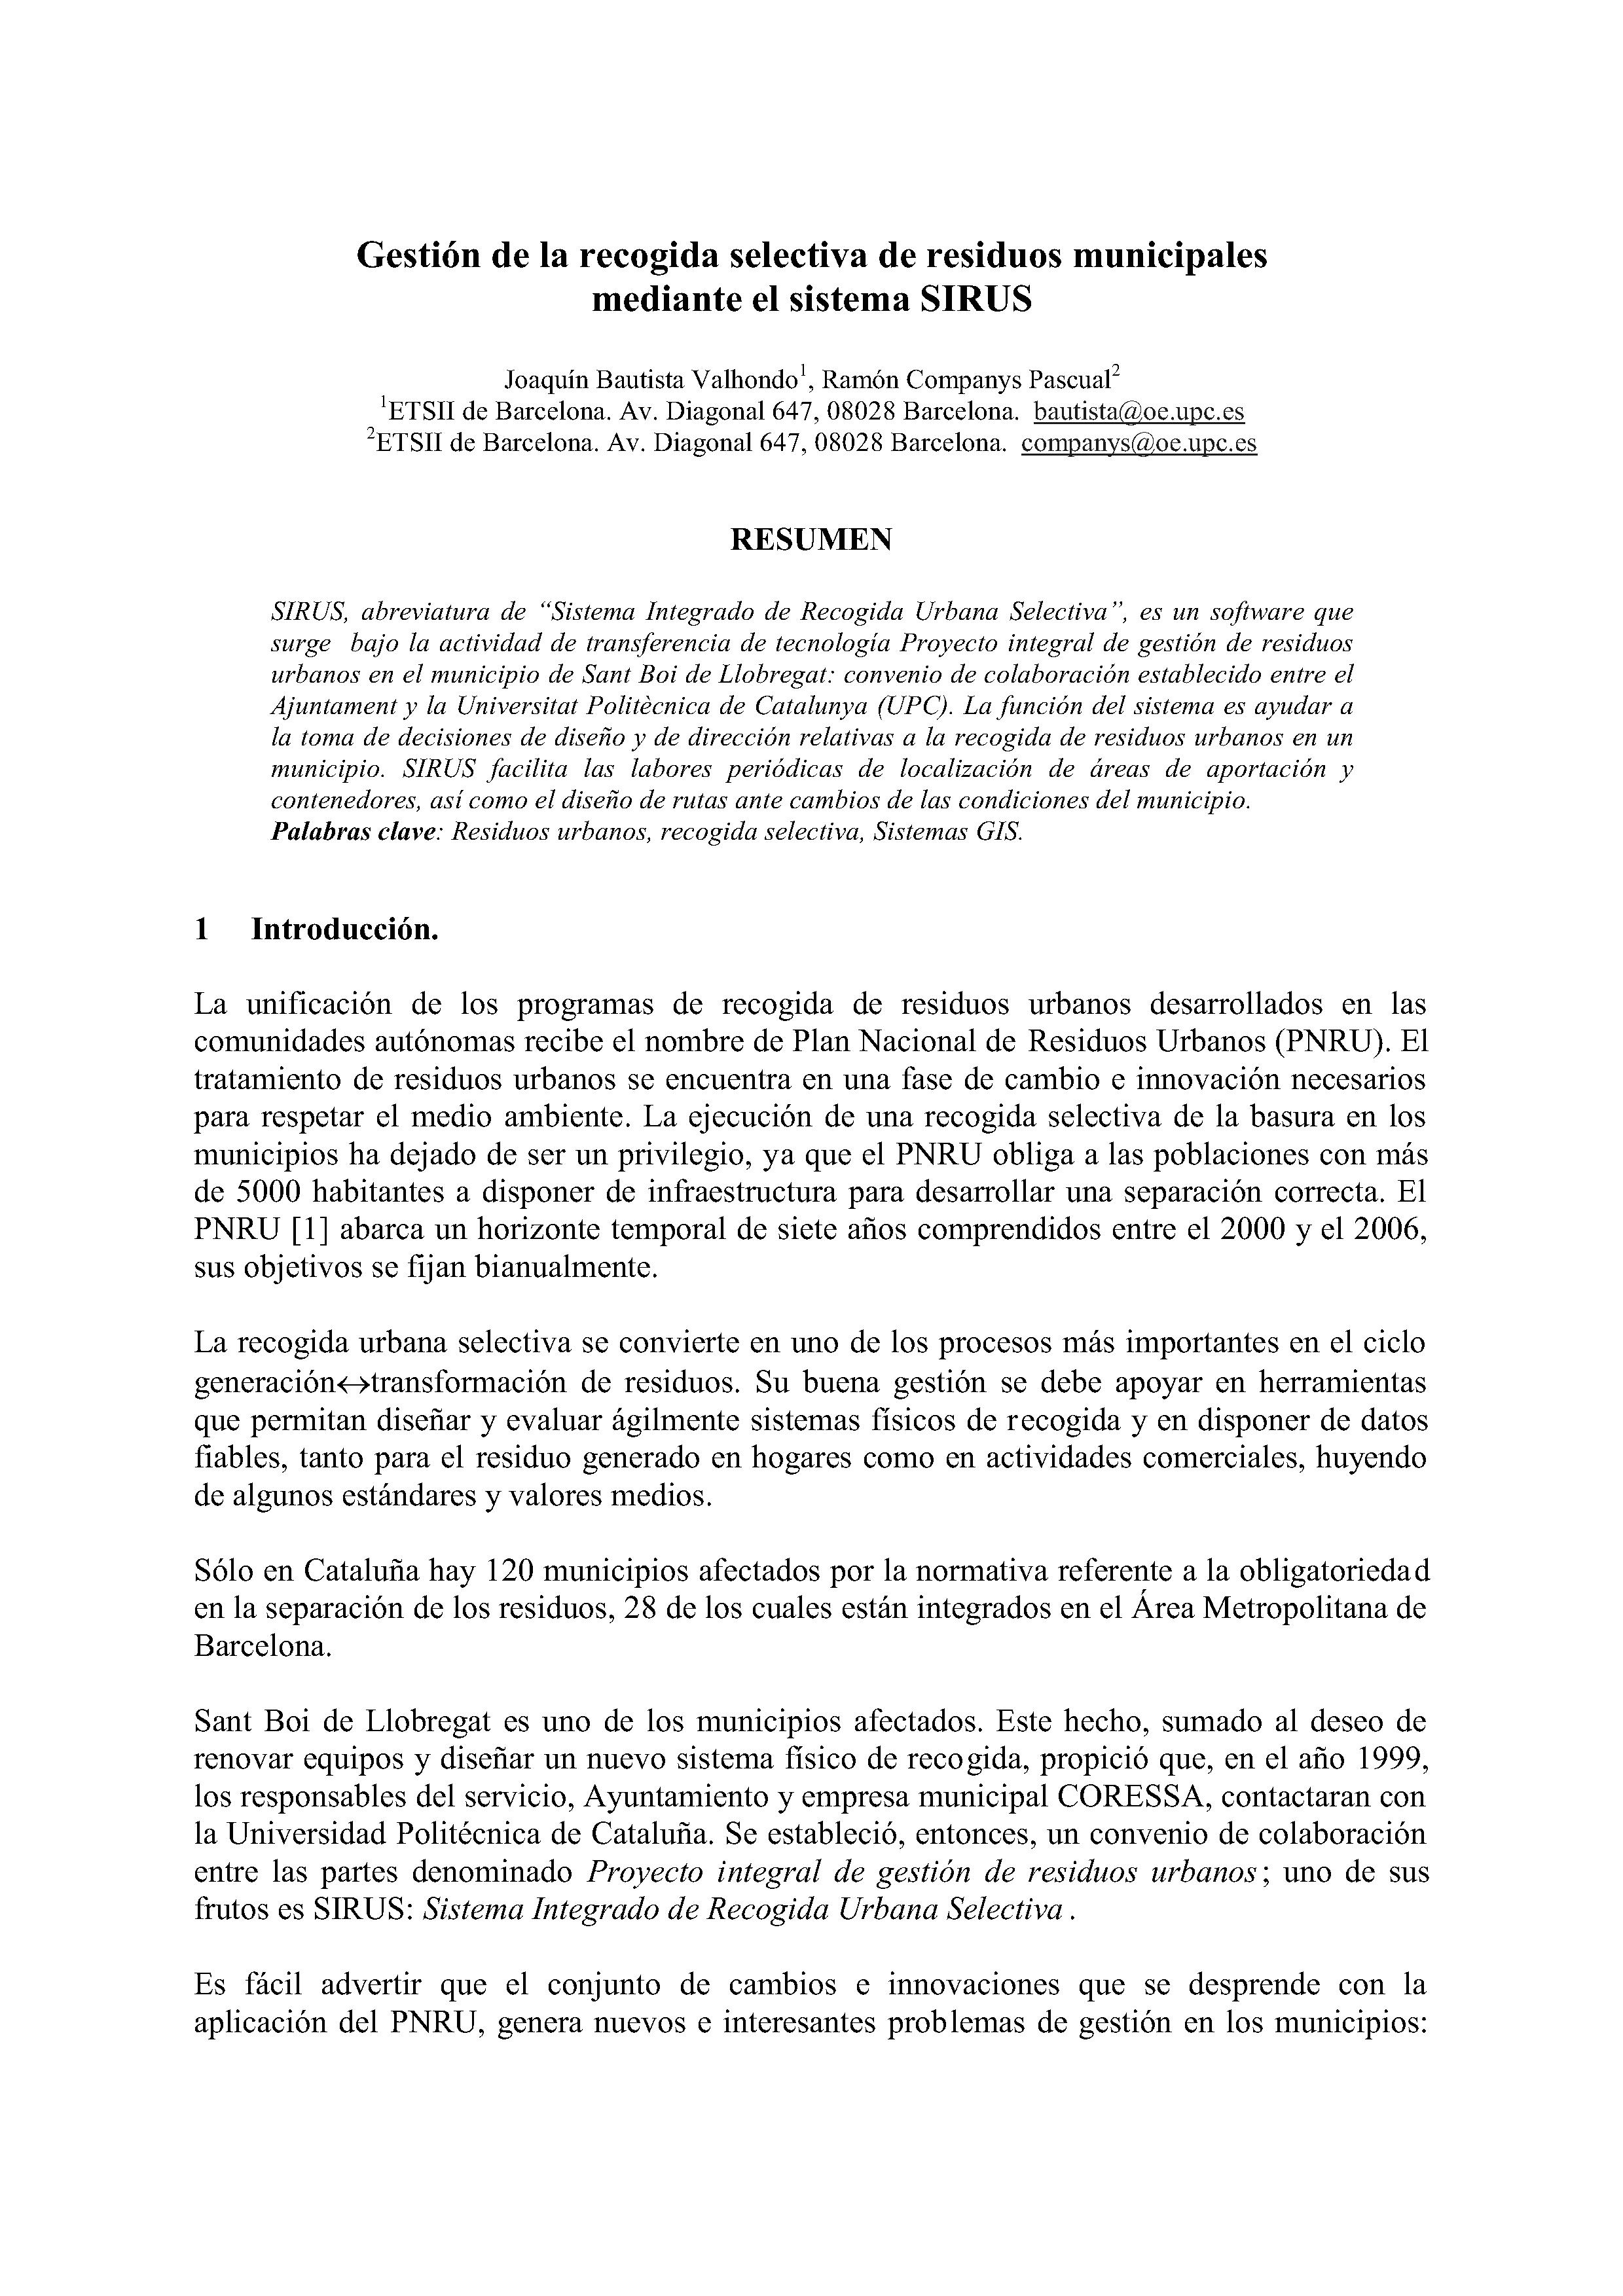 Gestión de la recogida selectiva de residuos municipales mediante el sistema SIRUS